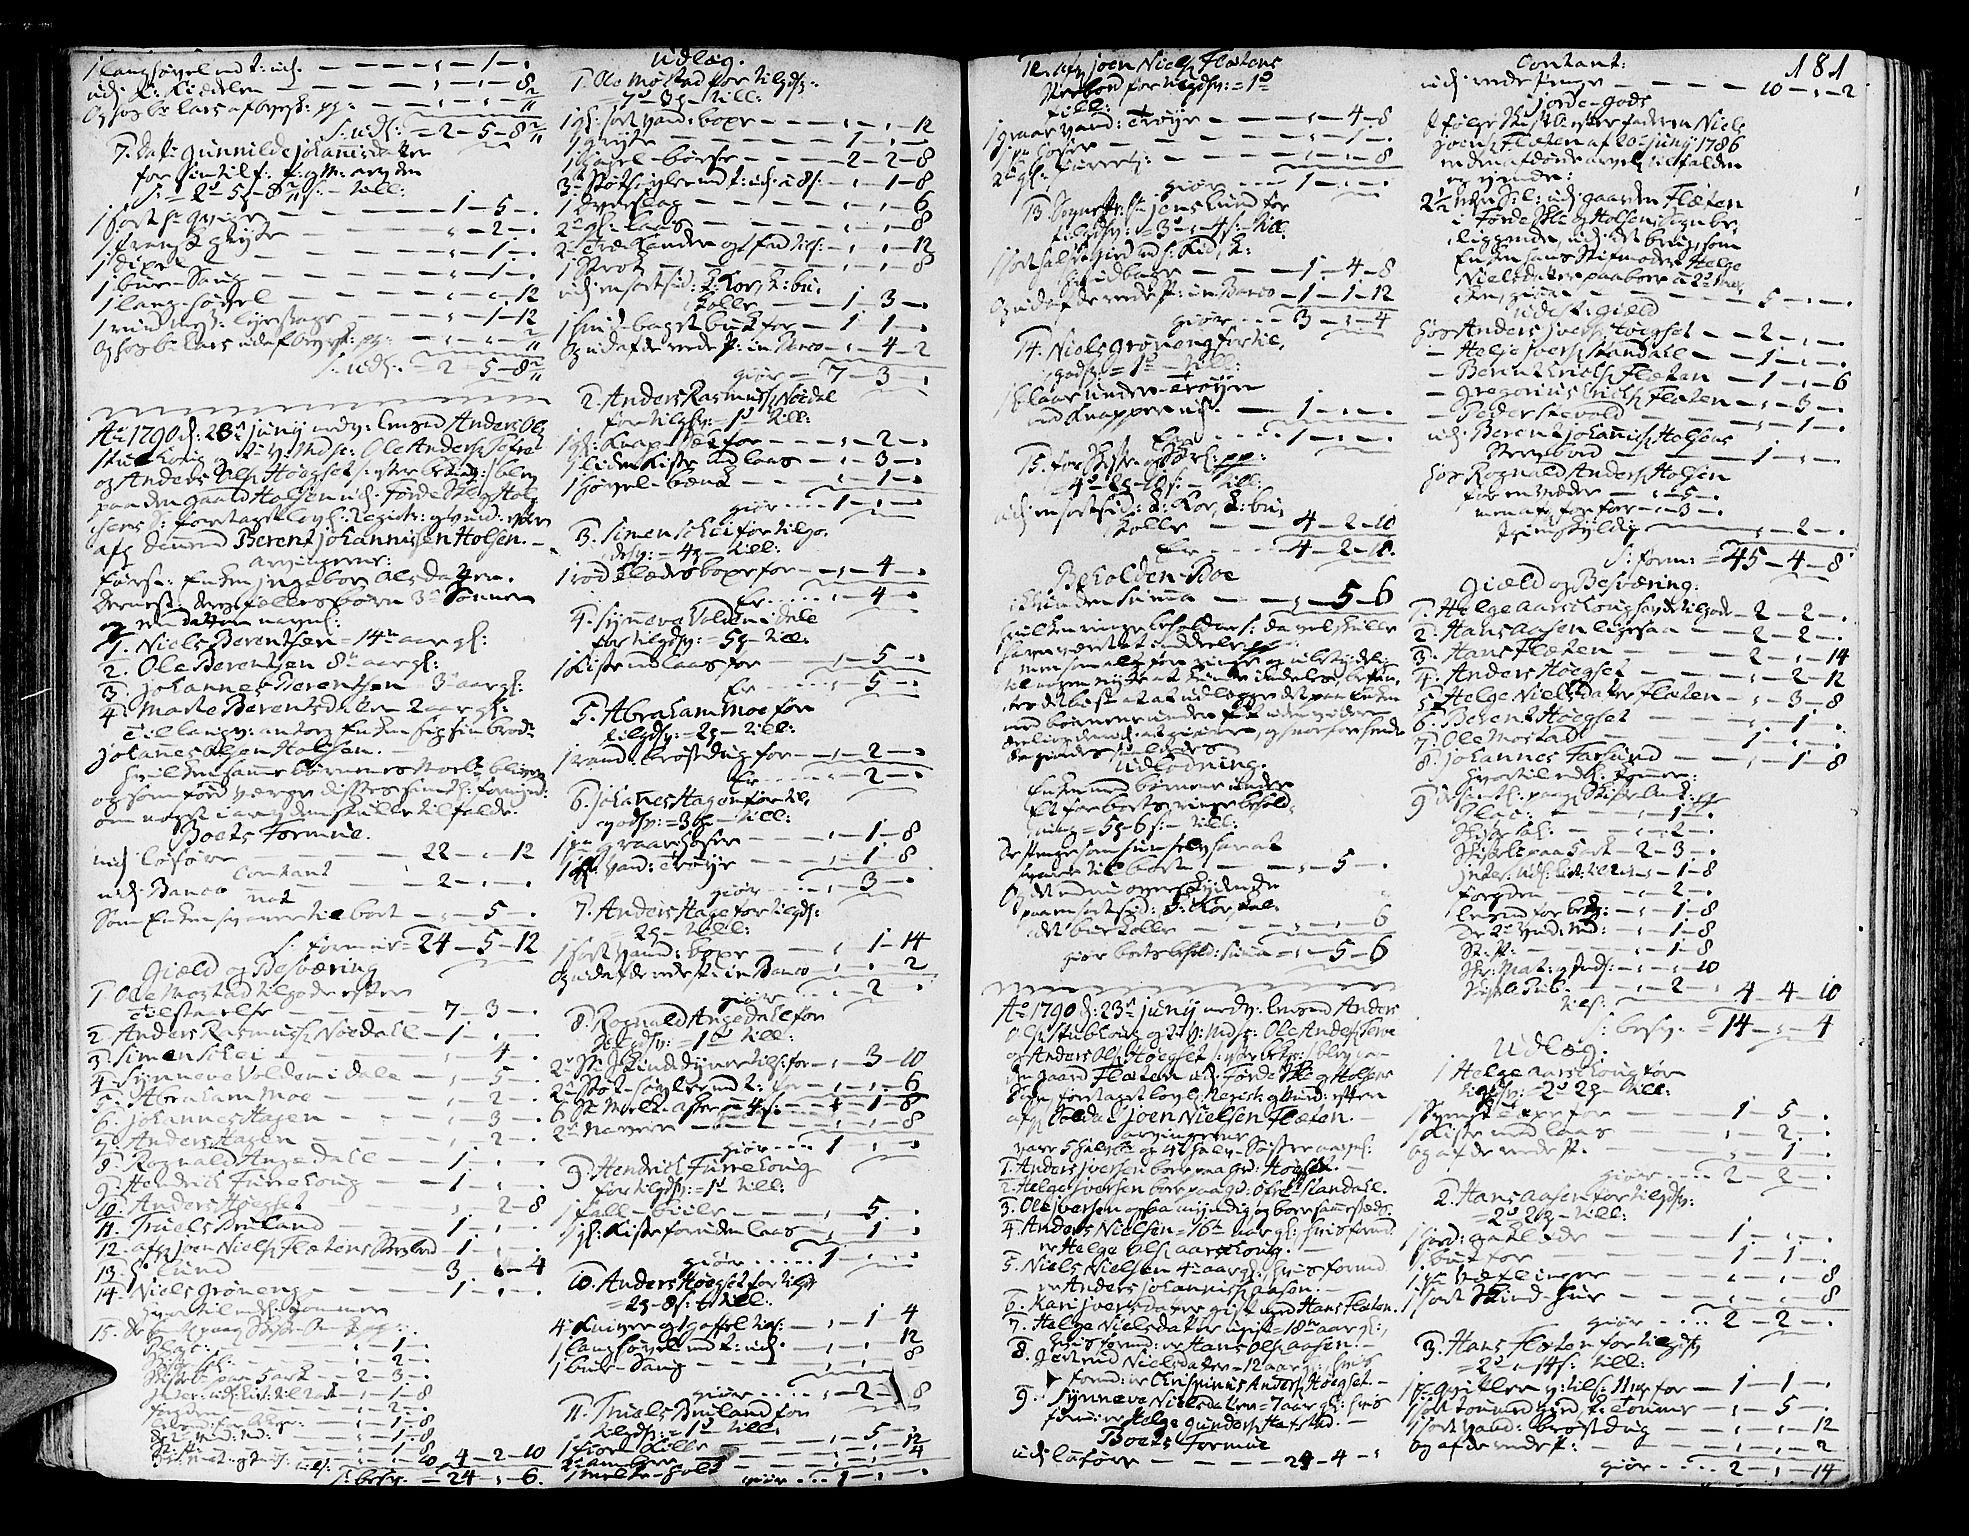 SAB, Sunnfjord tingrett, H/Ha/Hab, 1787-1798, s. 180b-181a